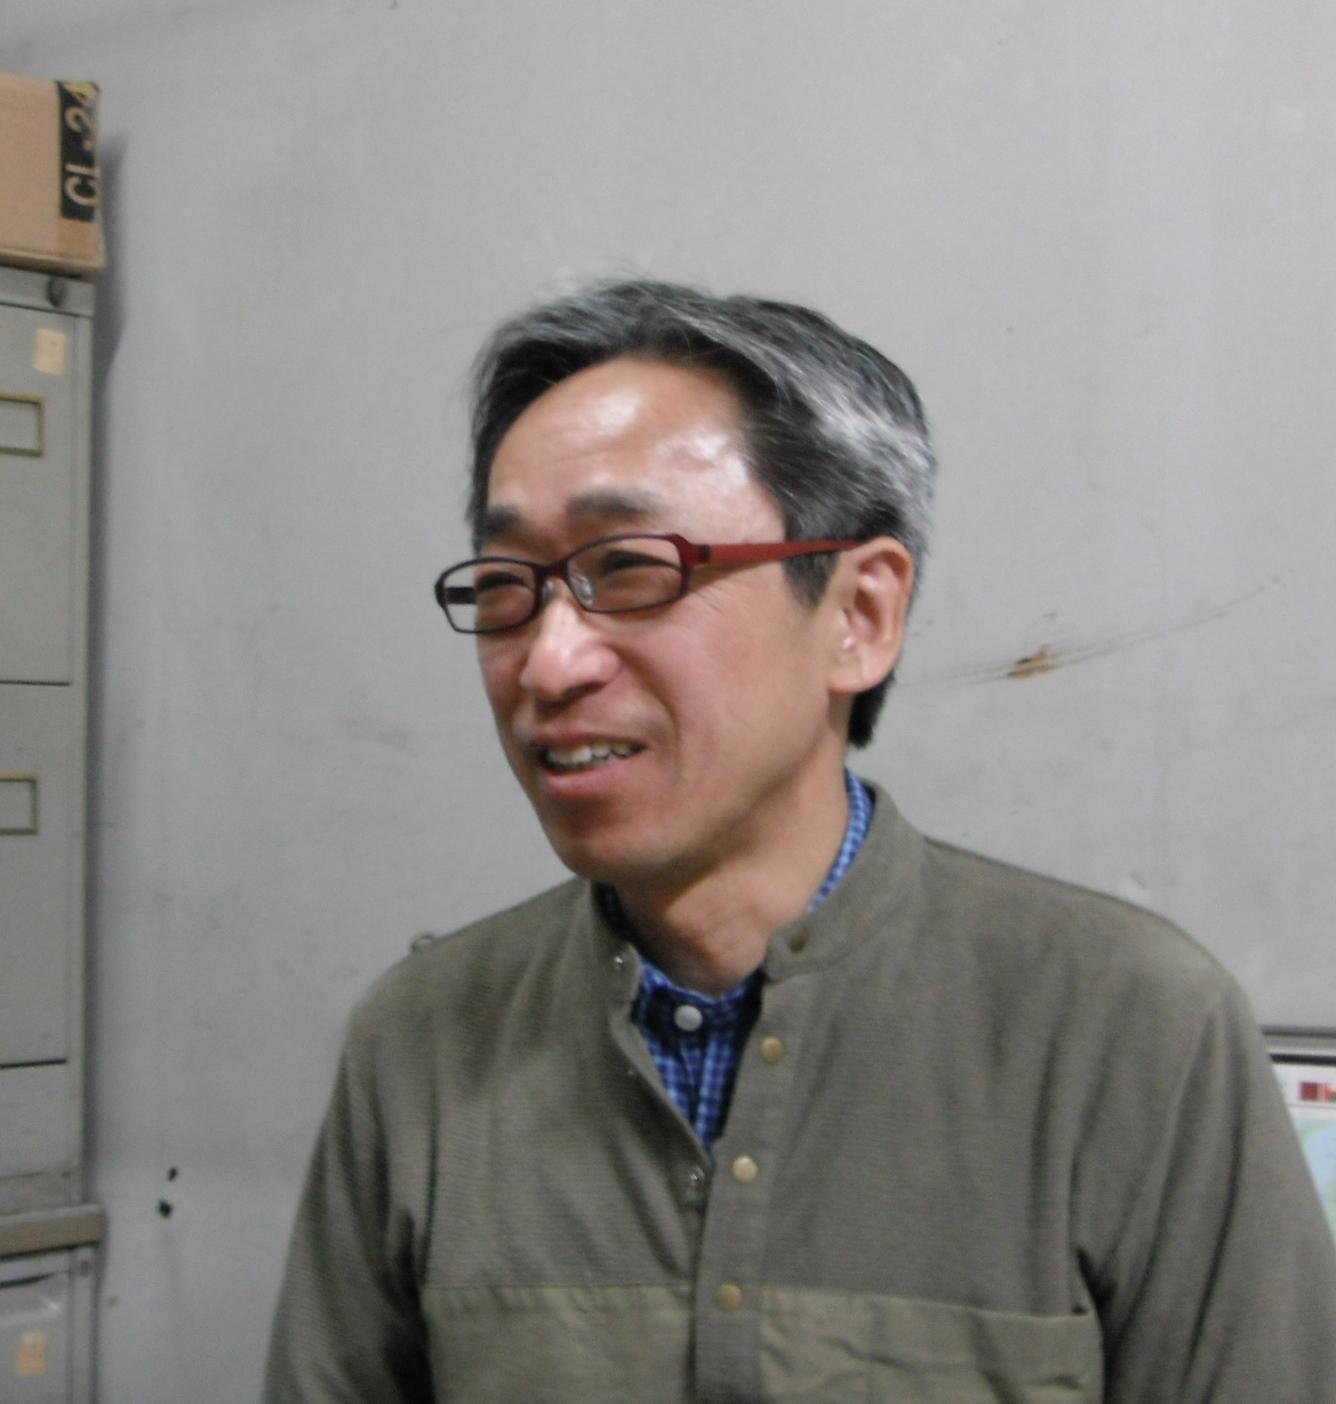 第7弾 シネ・ウインド座付き詩人 鈴木良一インタビュー